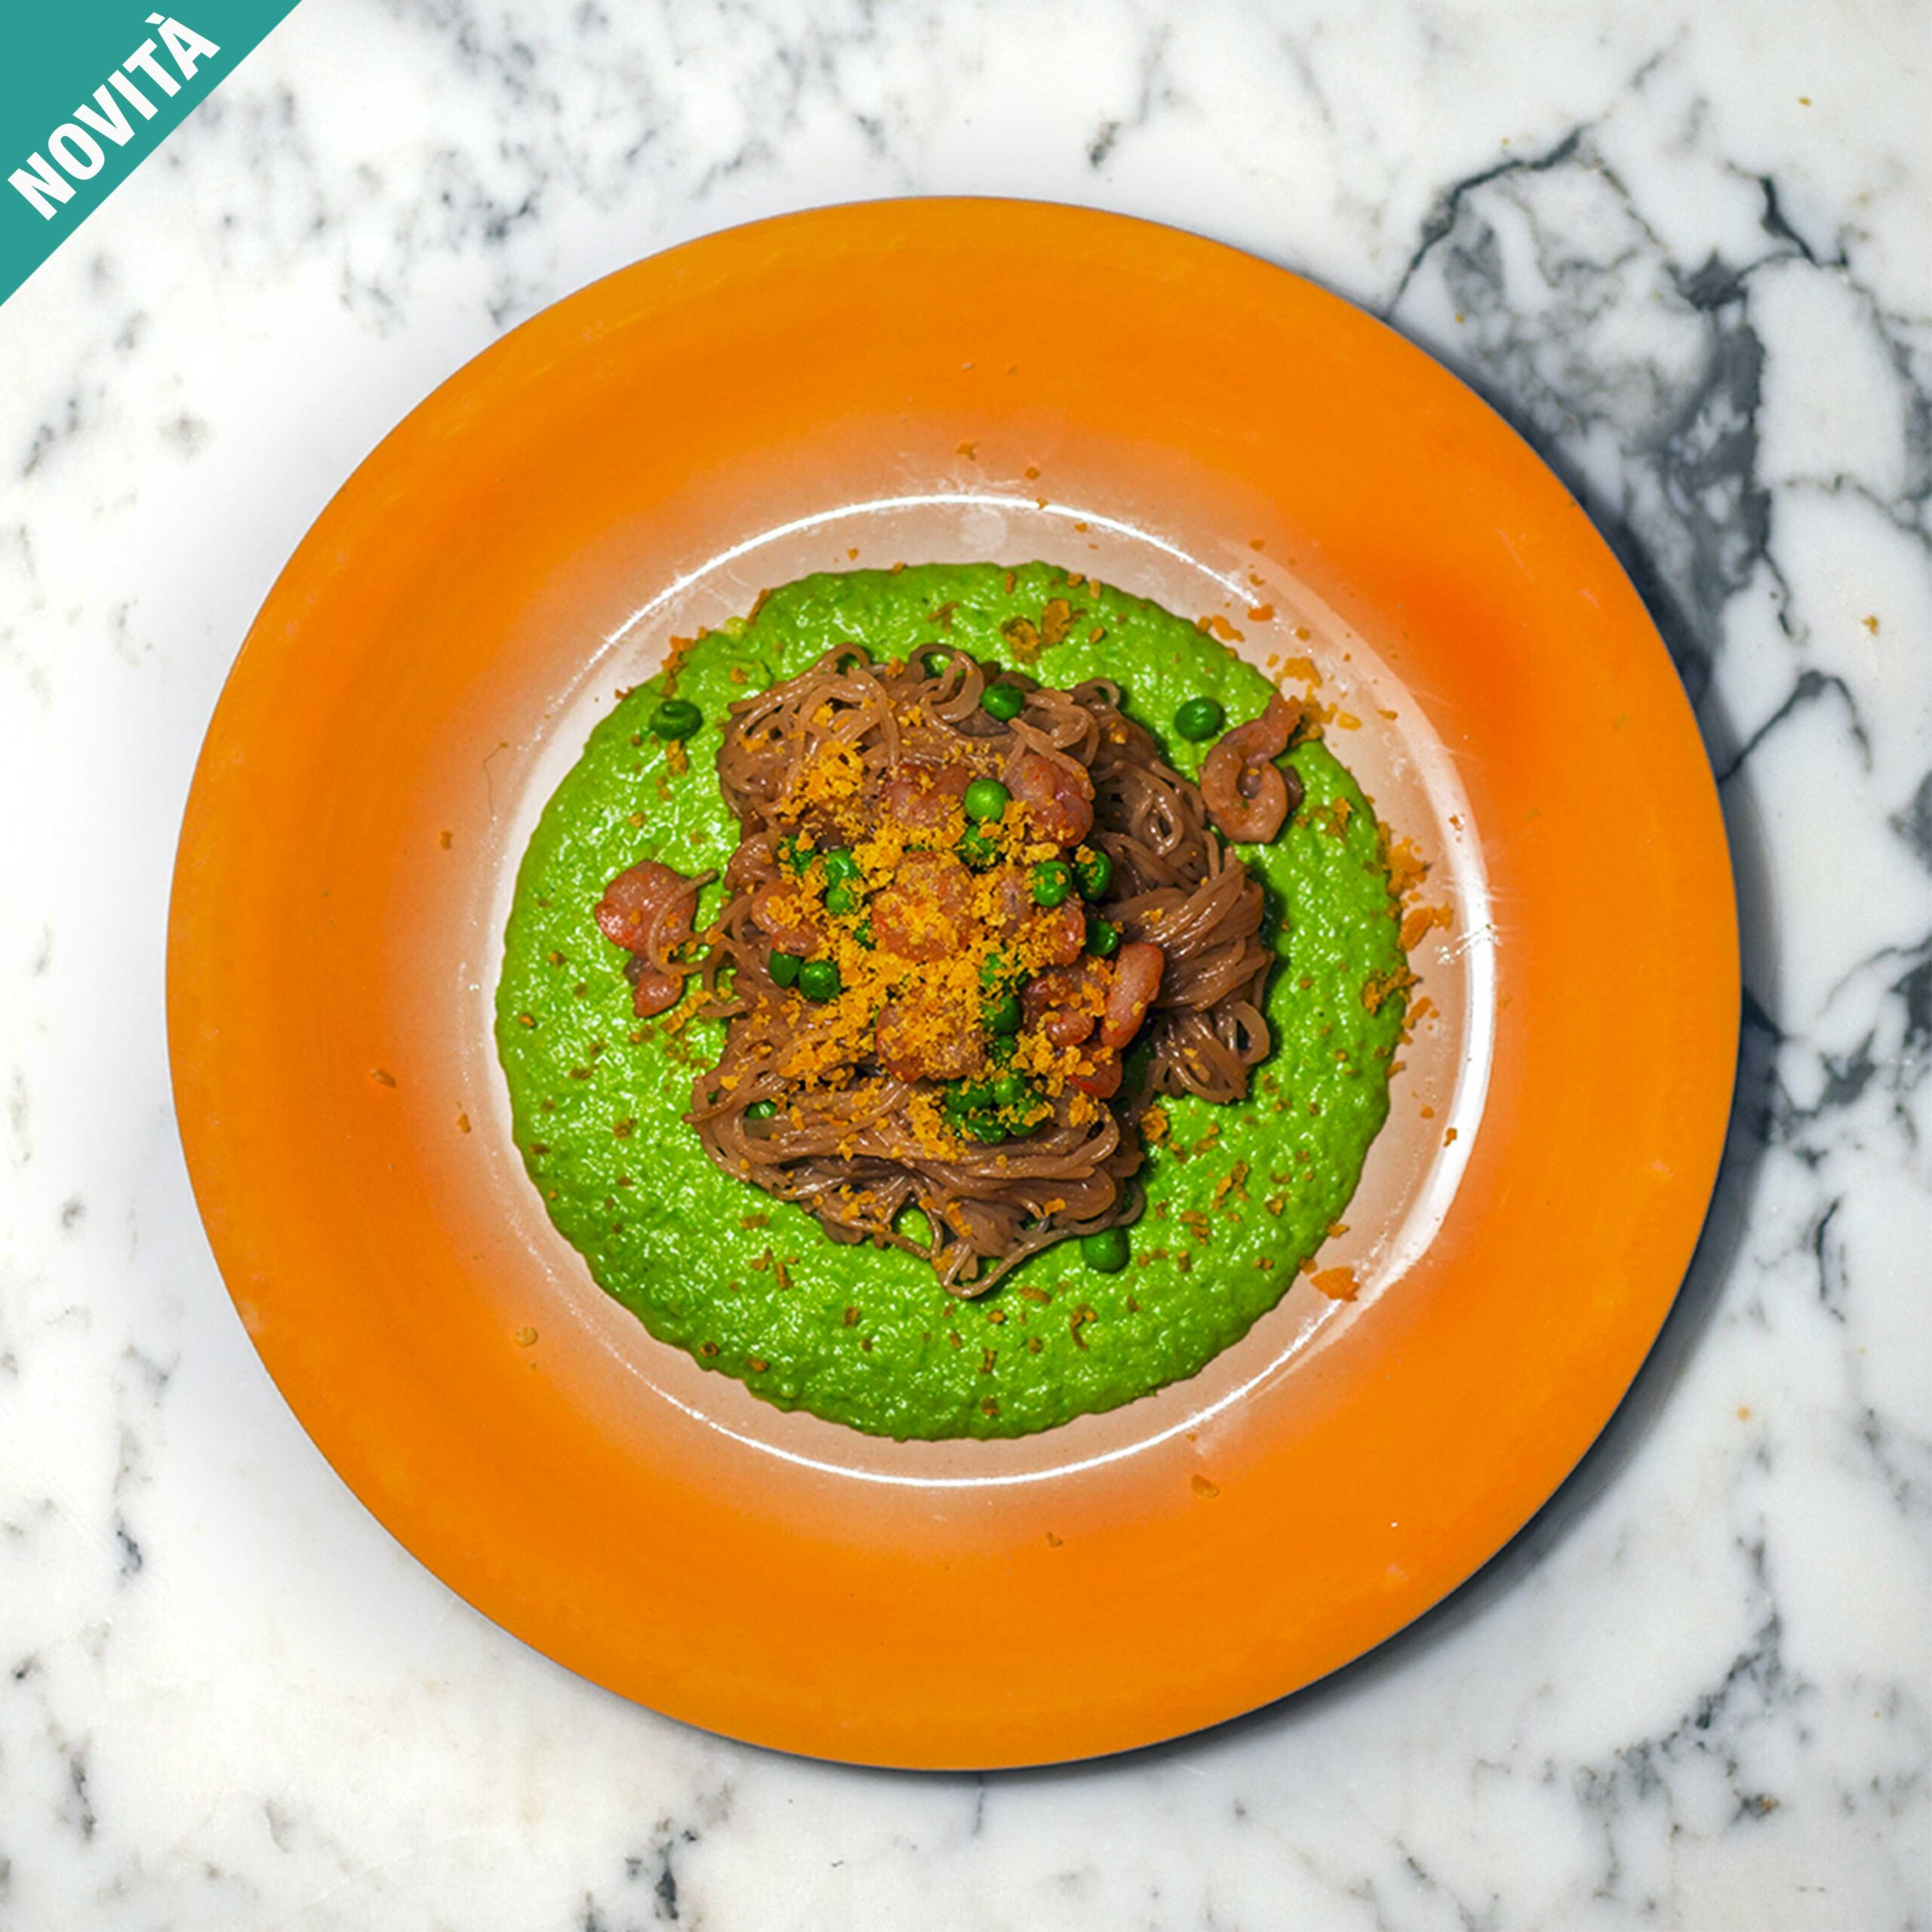 • Vermicelli di riso • Piselli • Gamberetti • Salsa di soia Uovo • Olio • Sale • Pepe